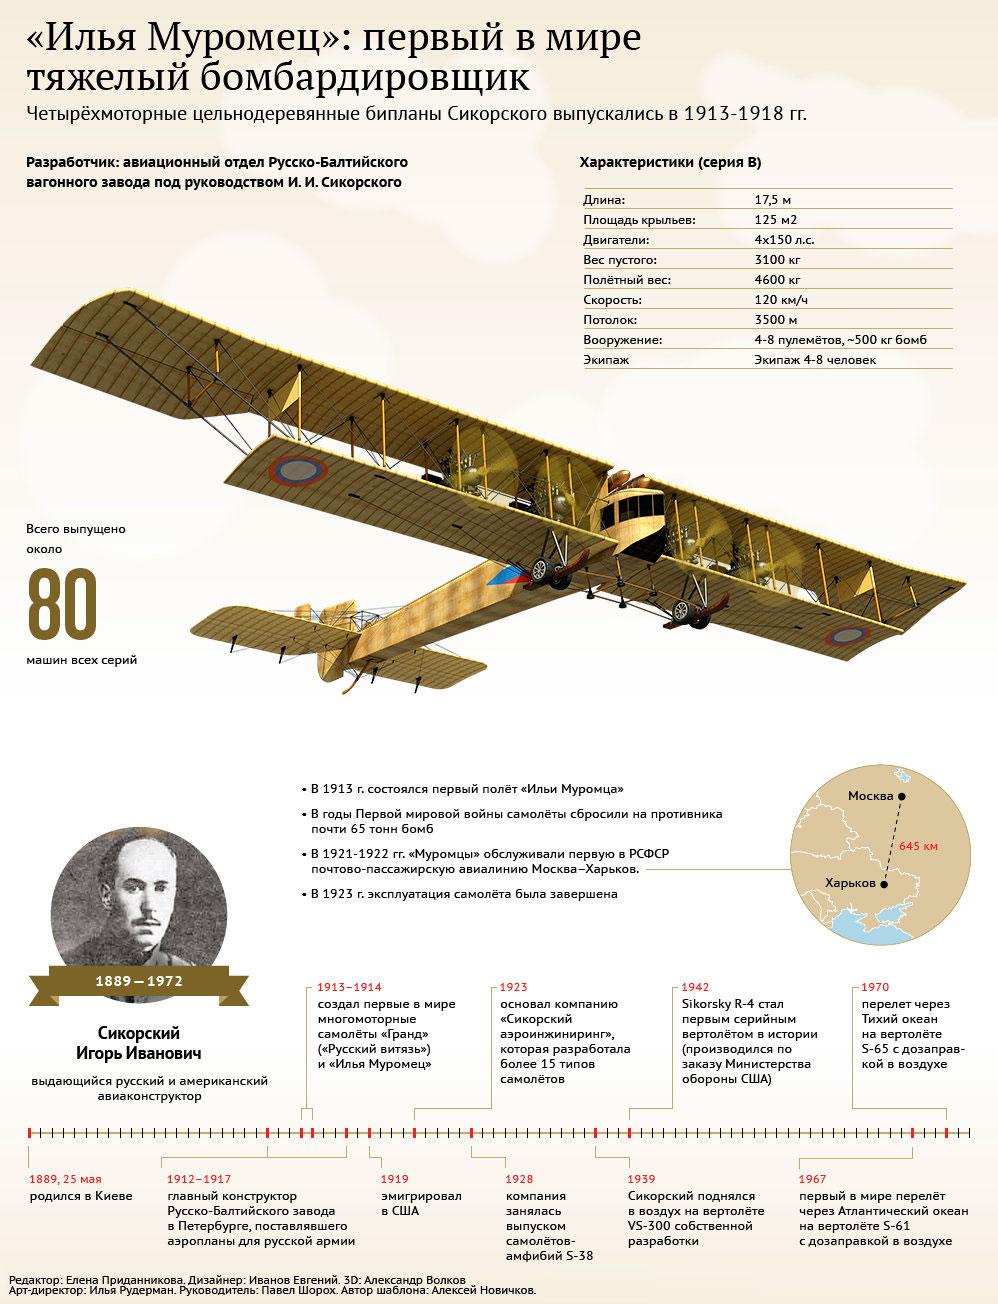 бомбардировщик Илья Муромец